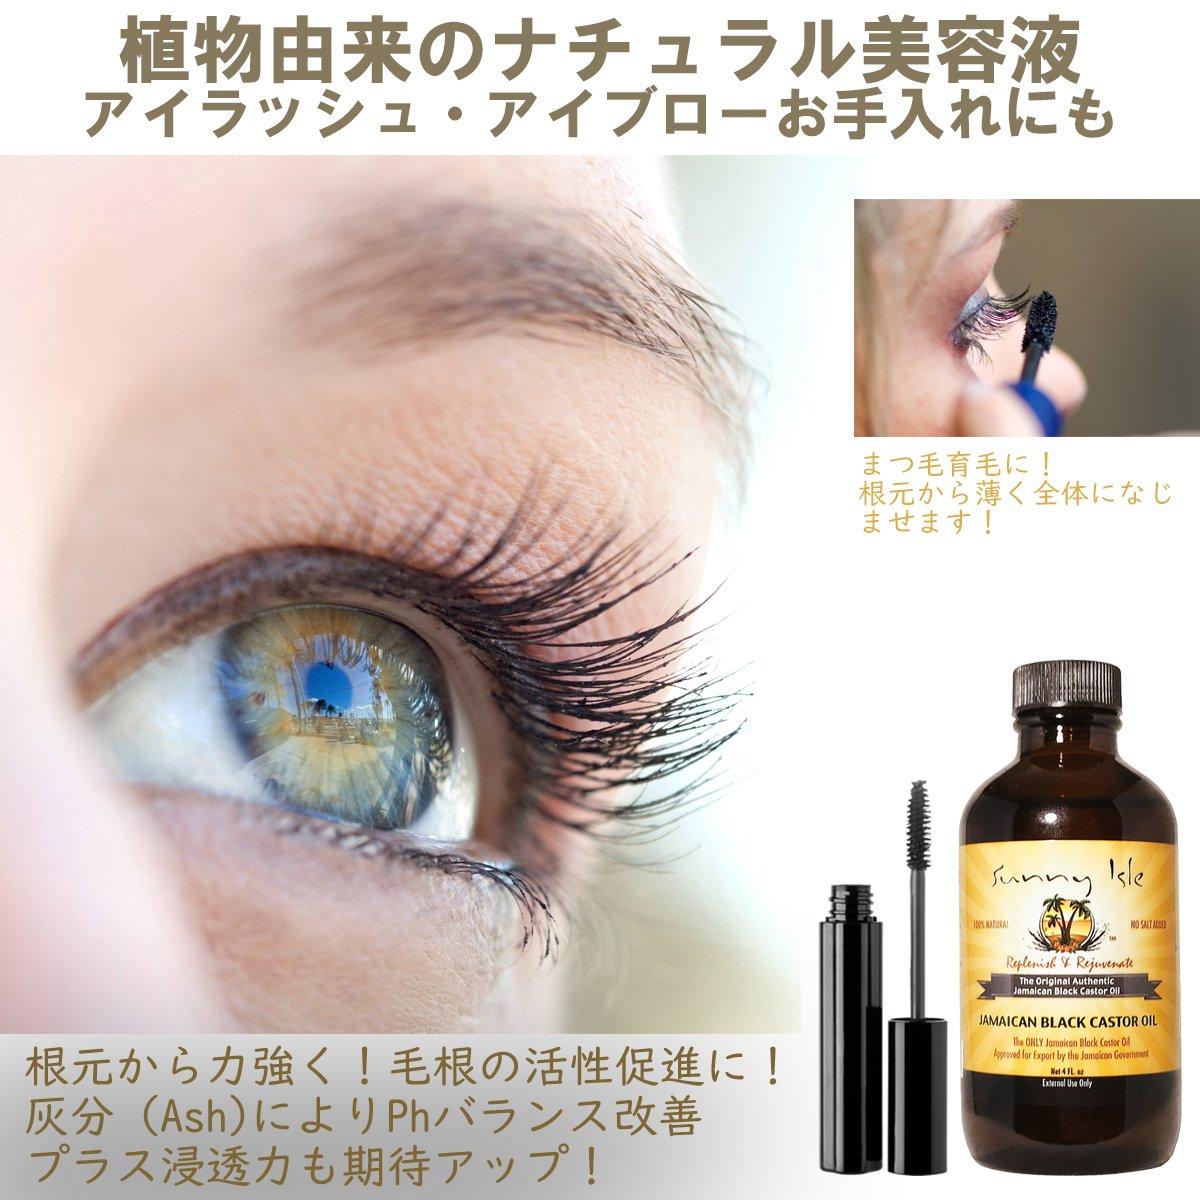 Amazon Sunny Isle Jamaican Black Castor Oil 4 Ounce Beauty